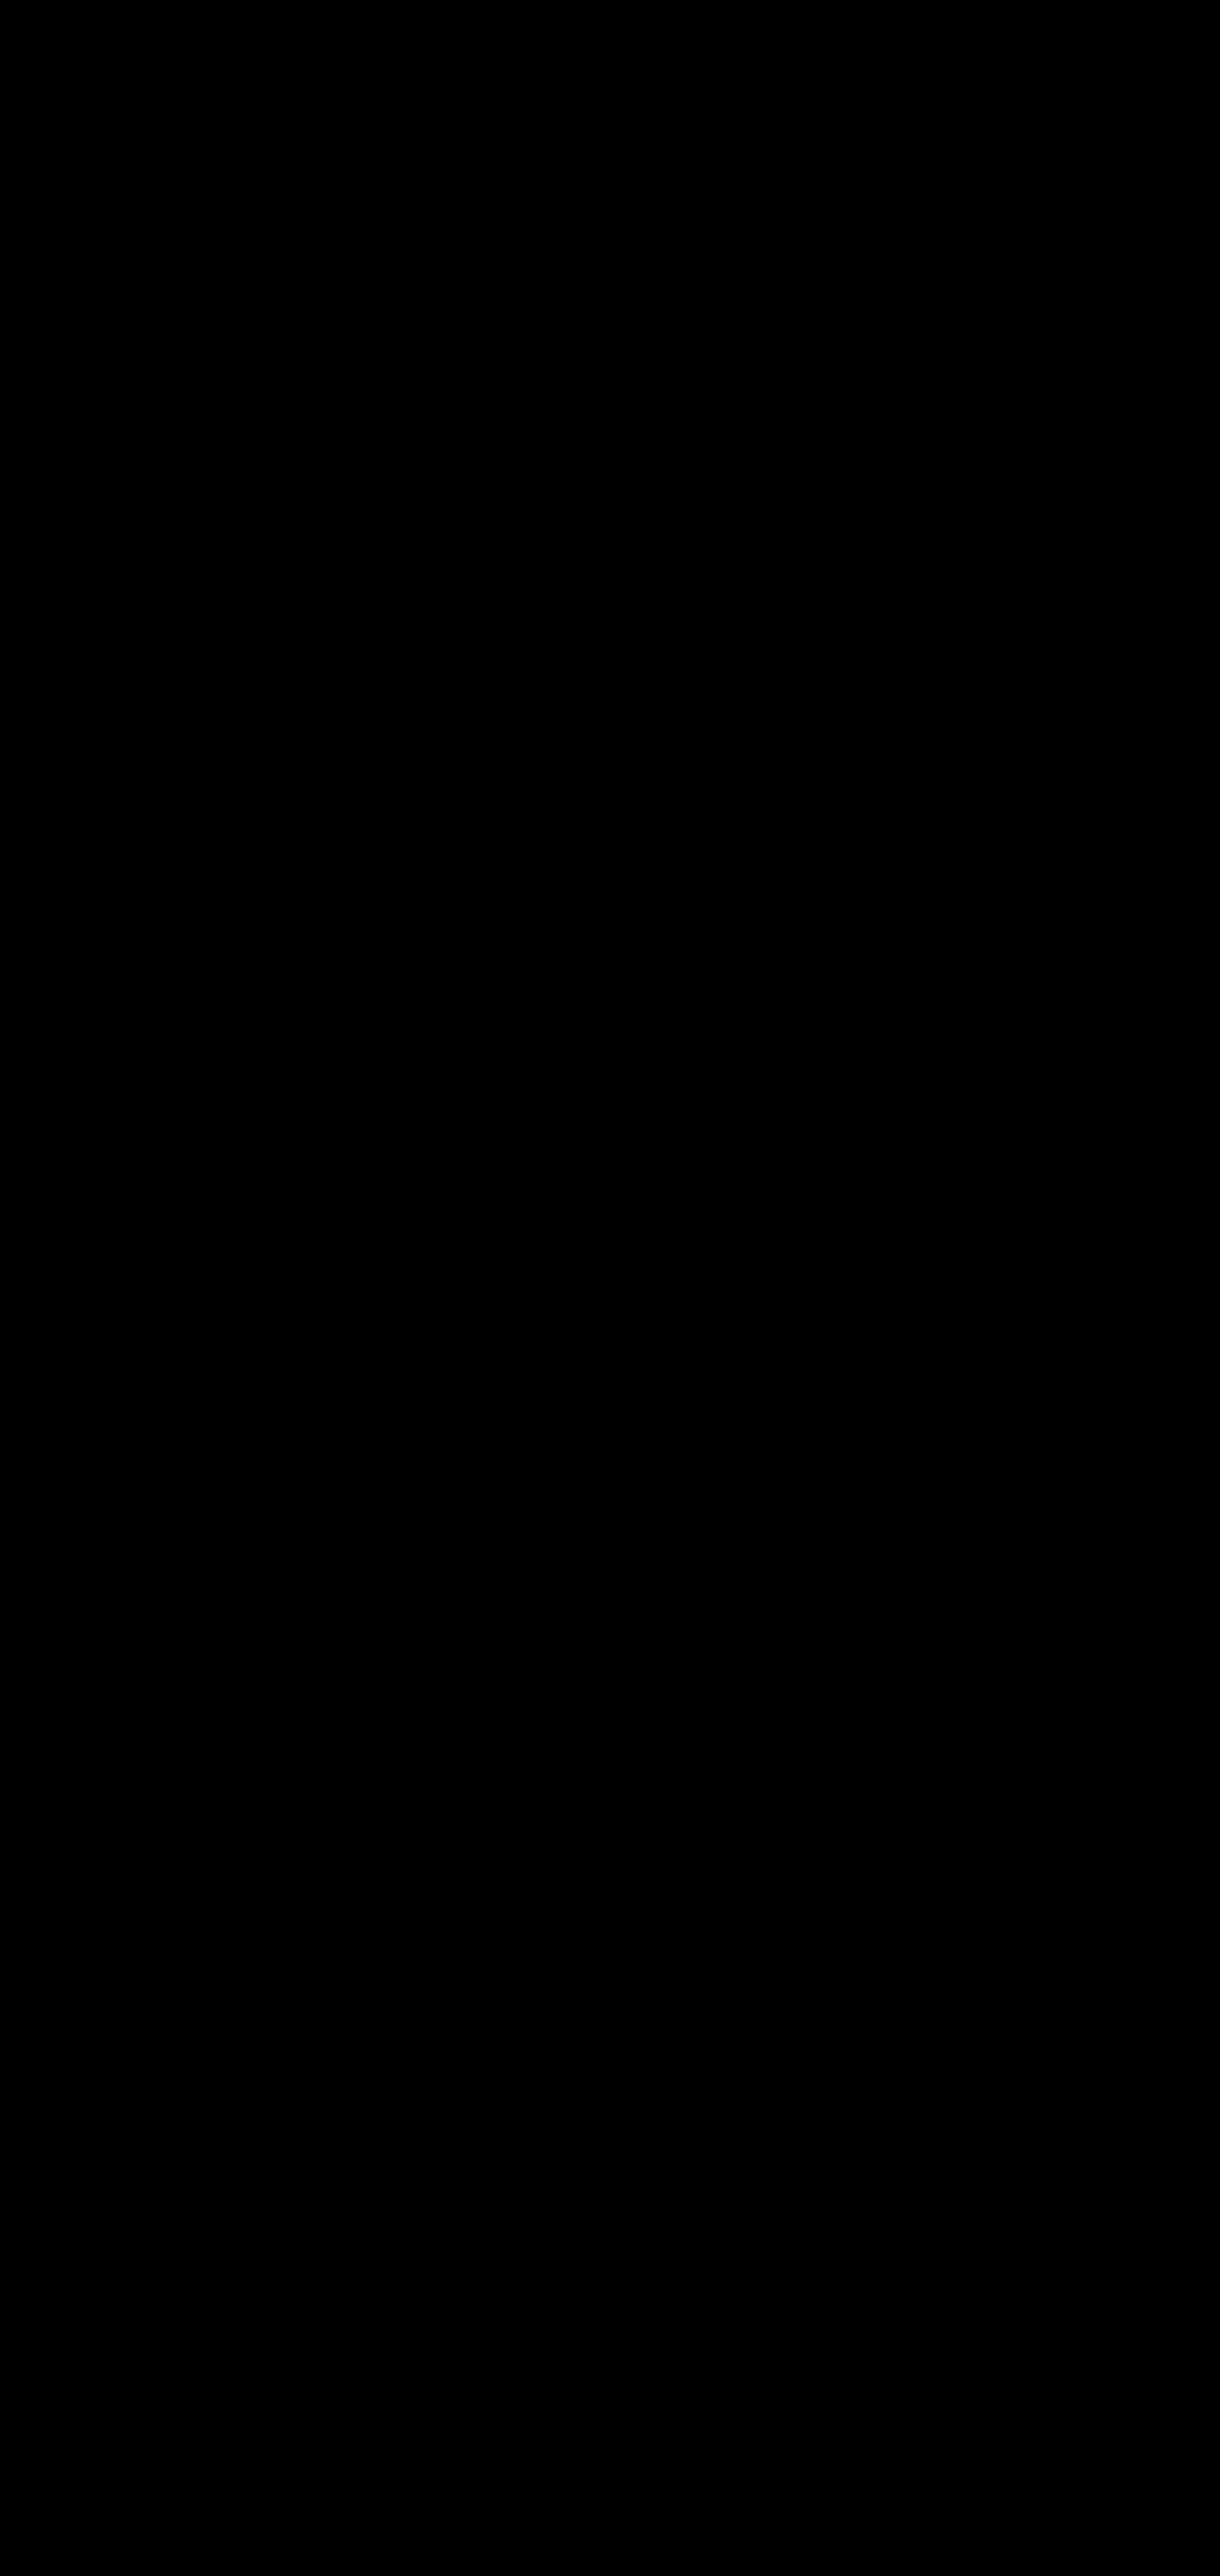 Google Pixel 4 Wallpapers - Top Free Google Pixel 4 ...